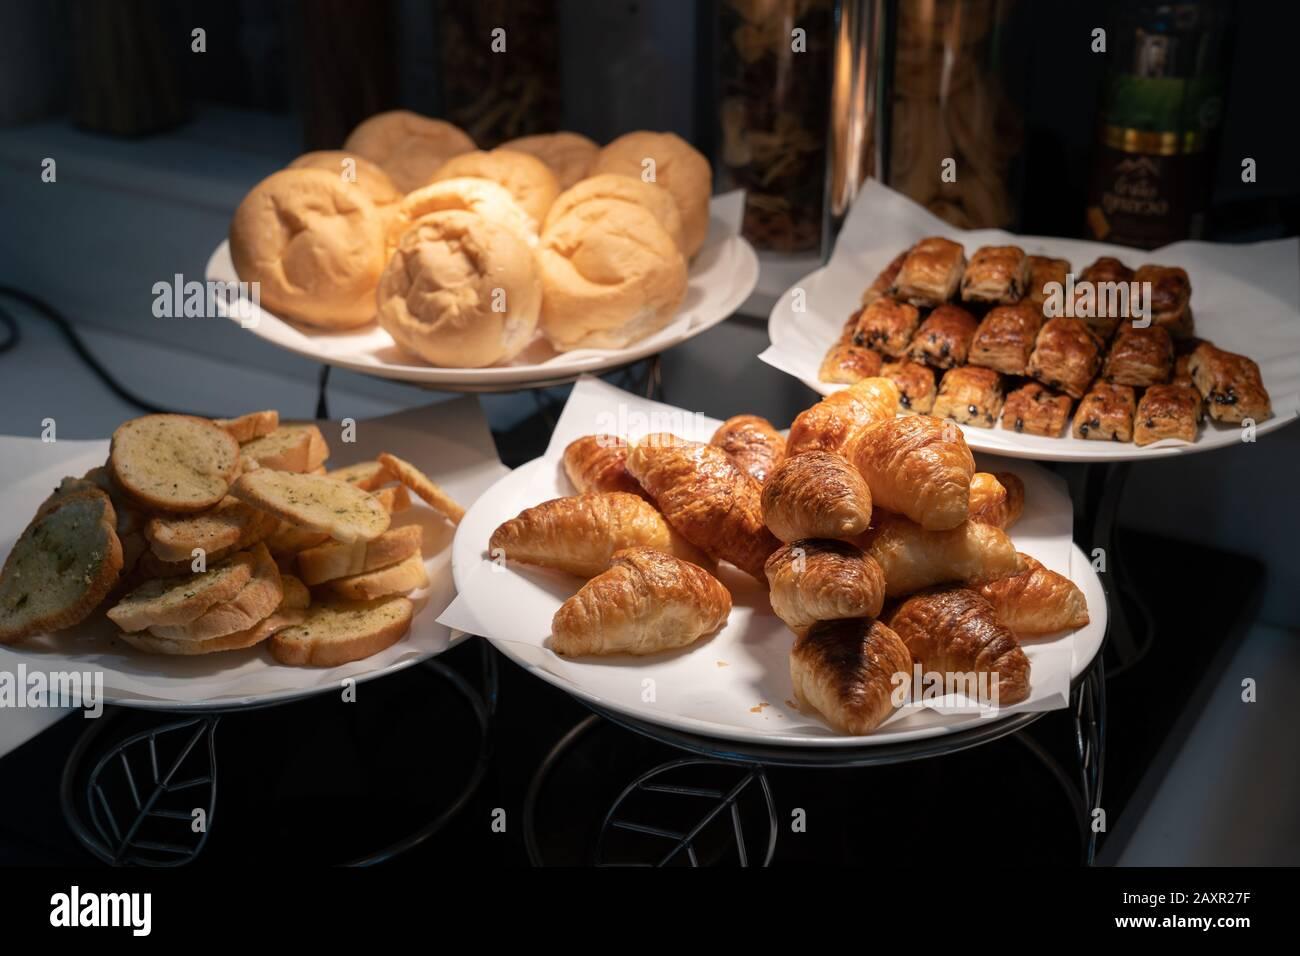 El croissant y el pan en papel y el plato blanco en la oscuridad están decorados con luz de tungsteno de la lámpara. Foto de stock